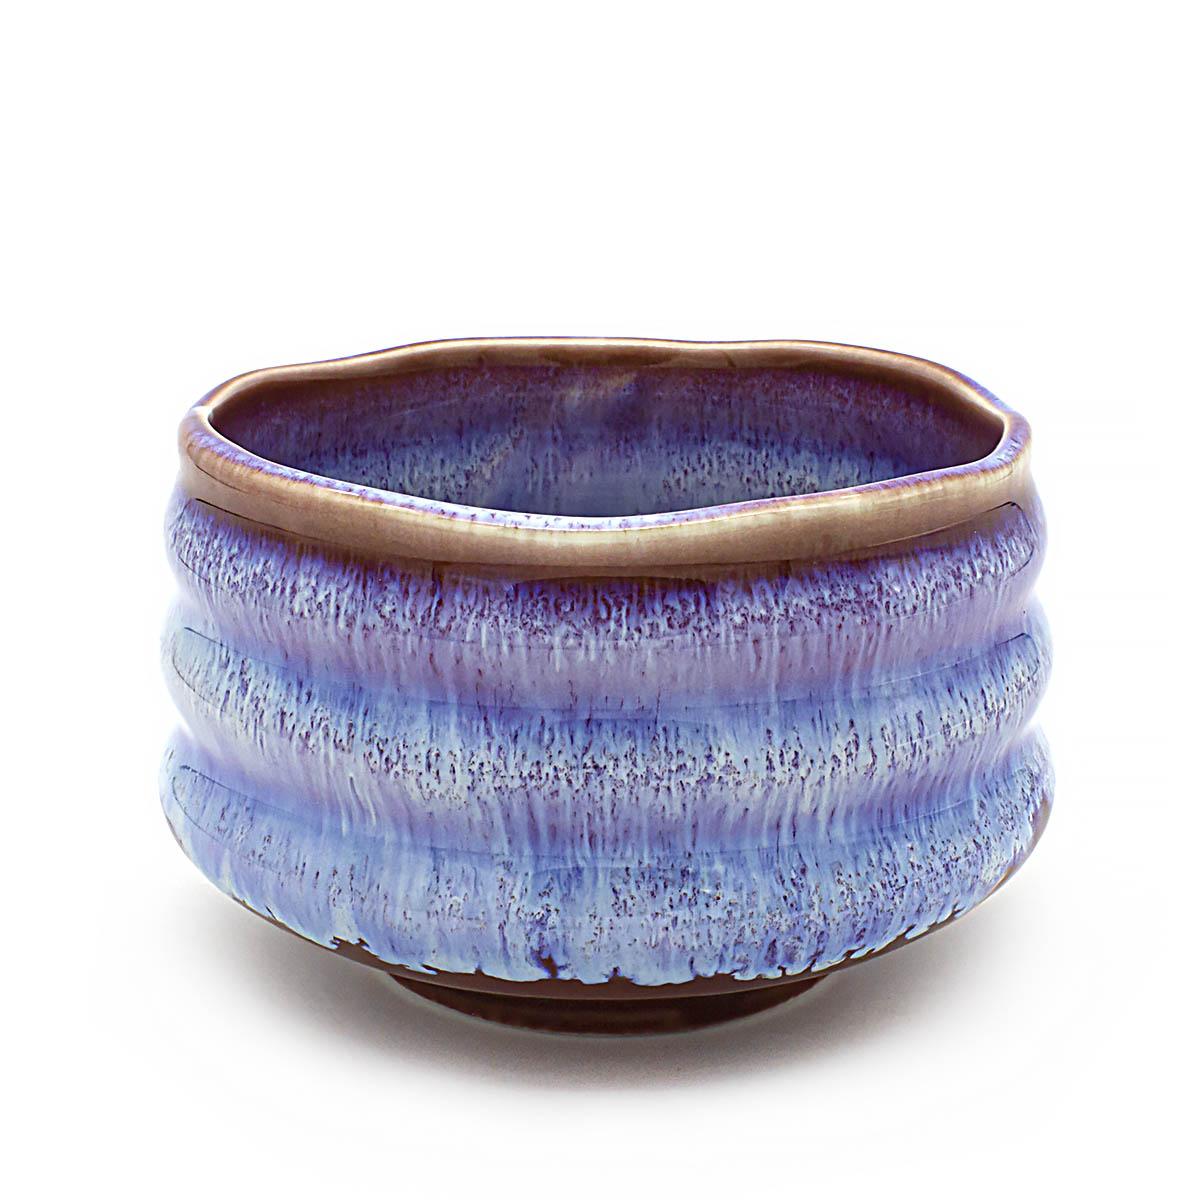 Чаша для матча керамическая, голубая, 500 мл чаша для матча керамическая сапфировая 500 мл